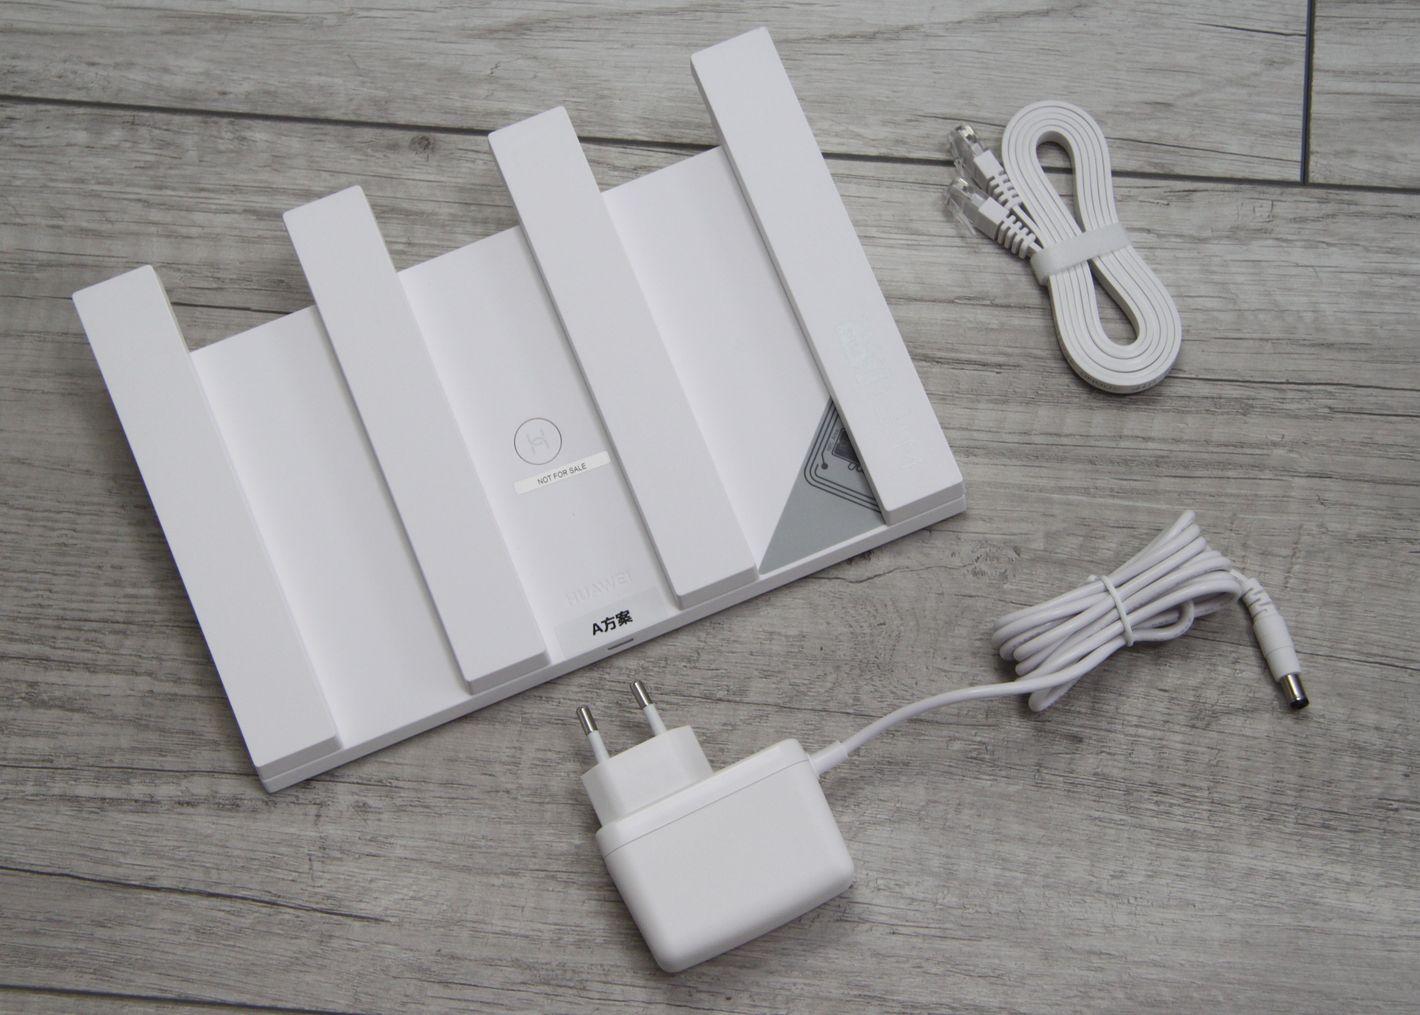 Huawei WiFi AX3 Quad core zawartość opakowania